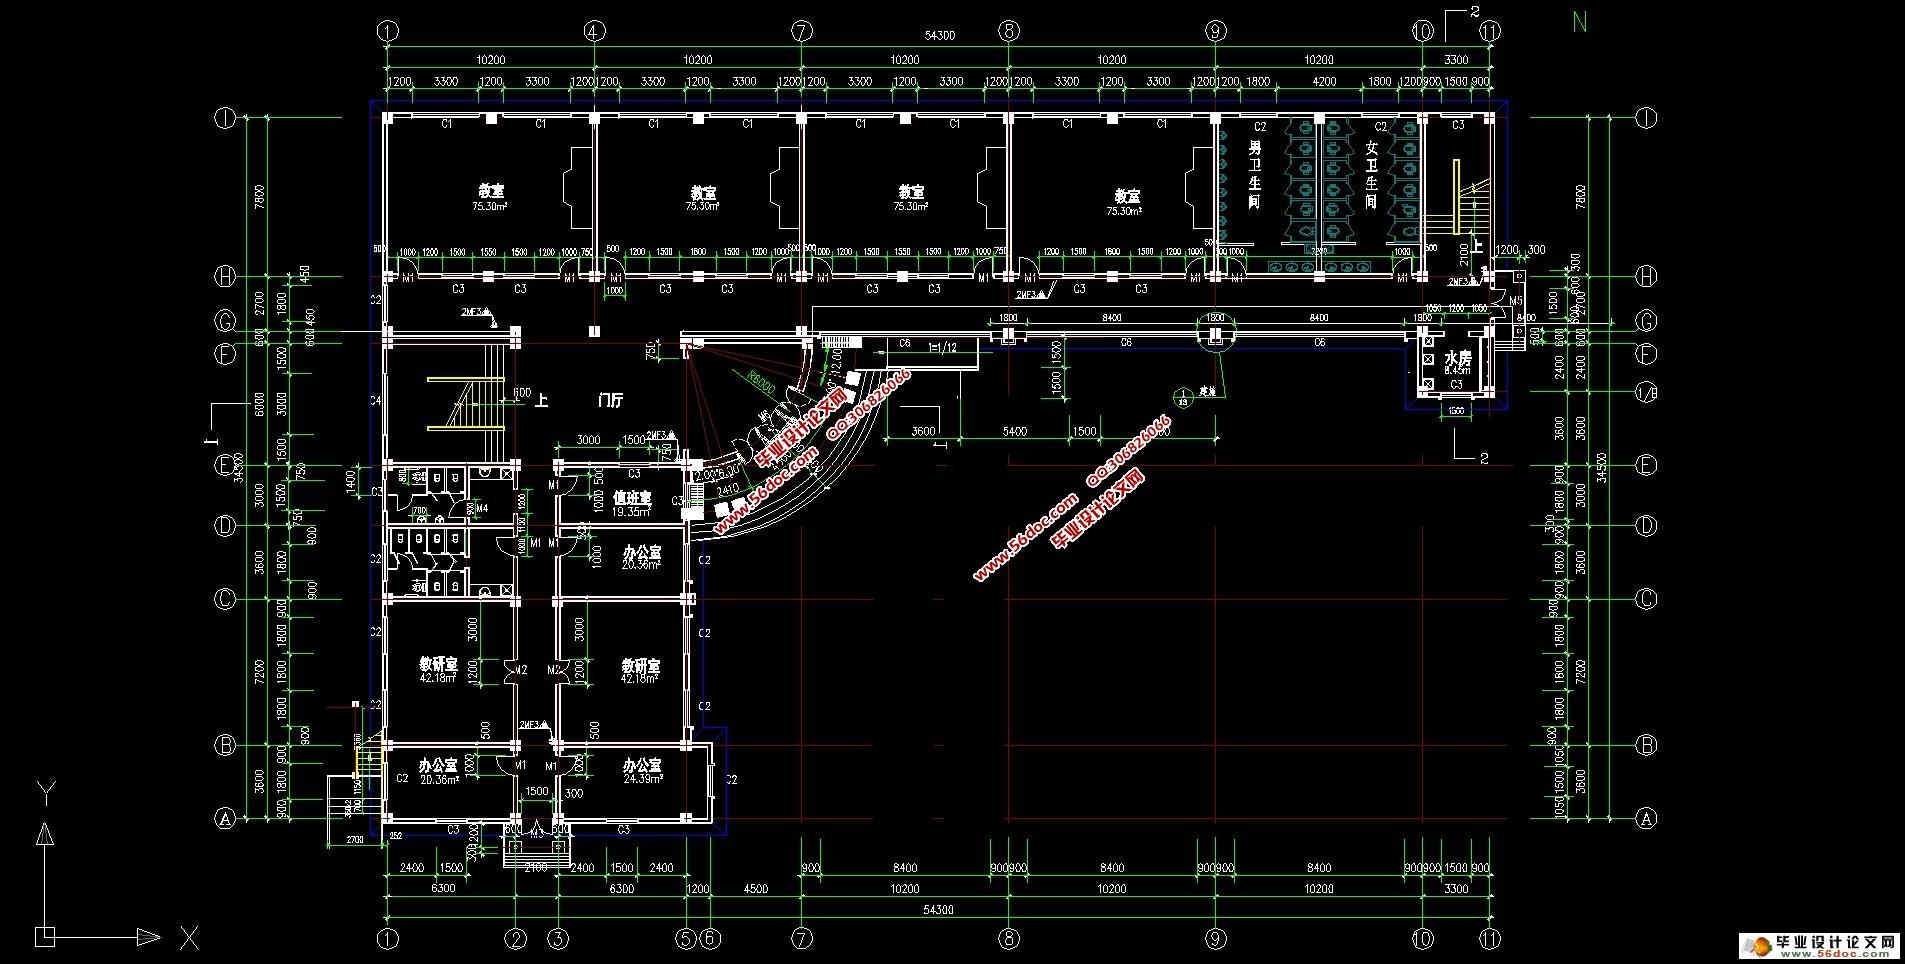 四层4000平米小学教学楼的设计(建筑图,结构图,总平面